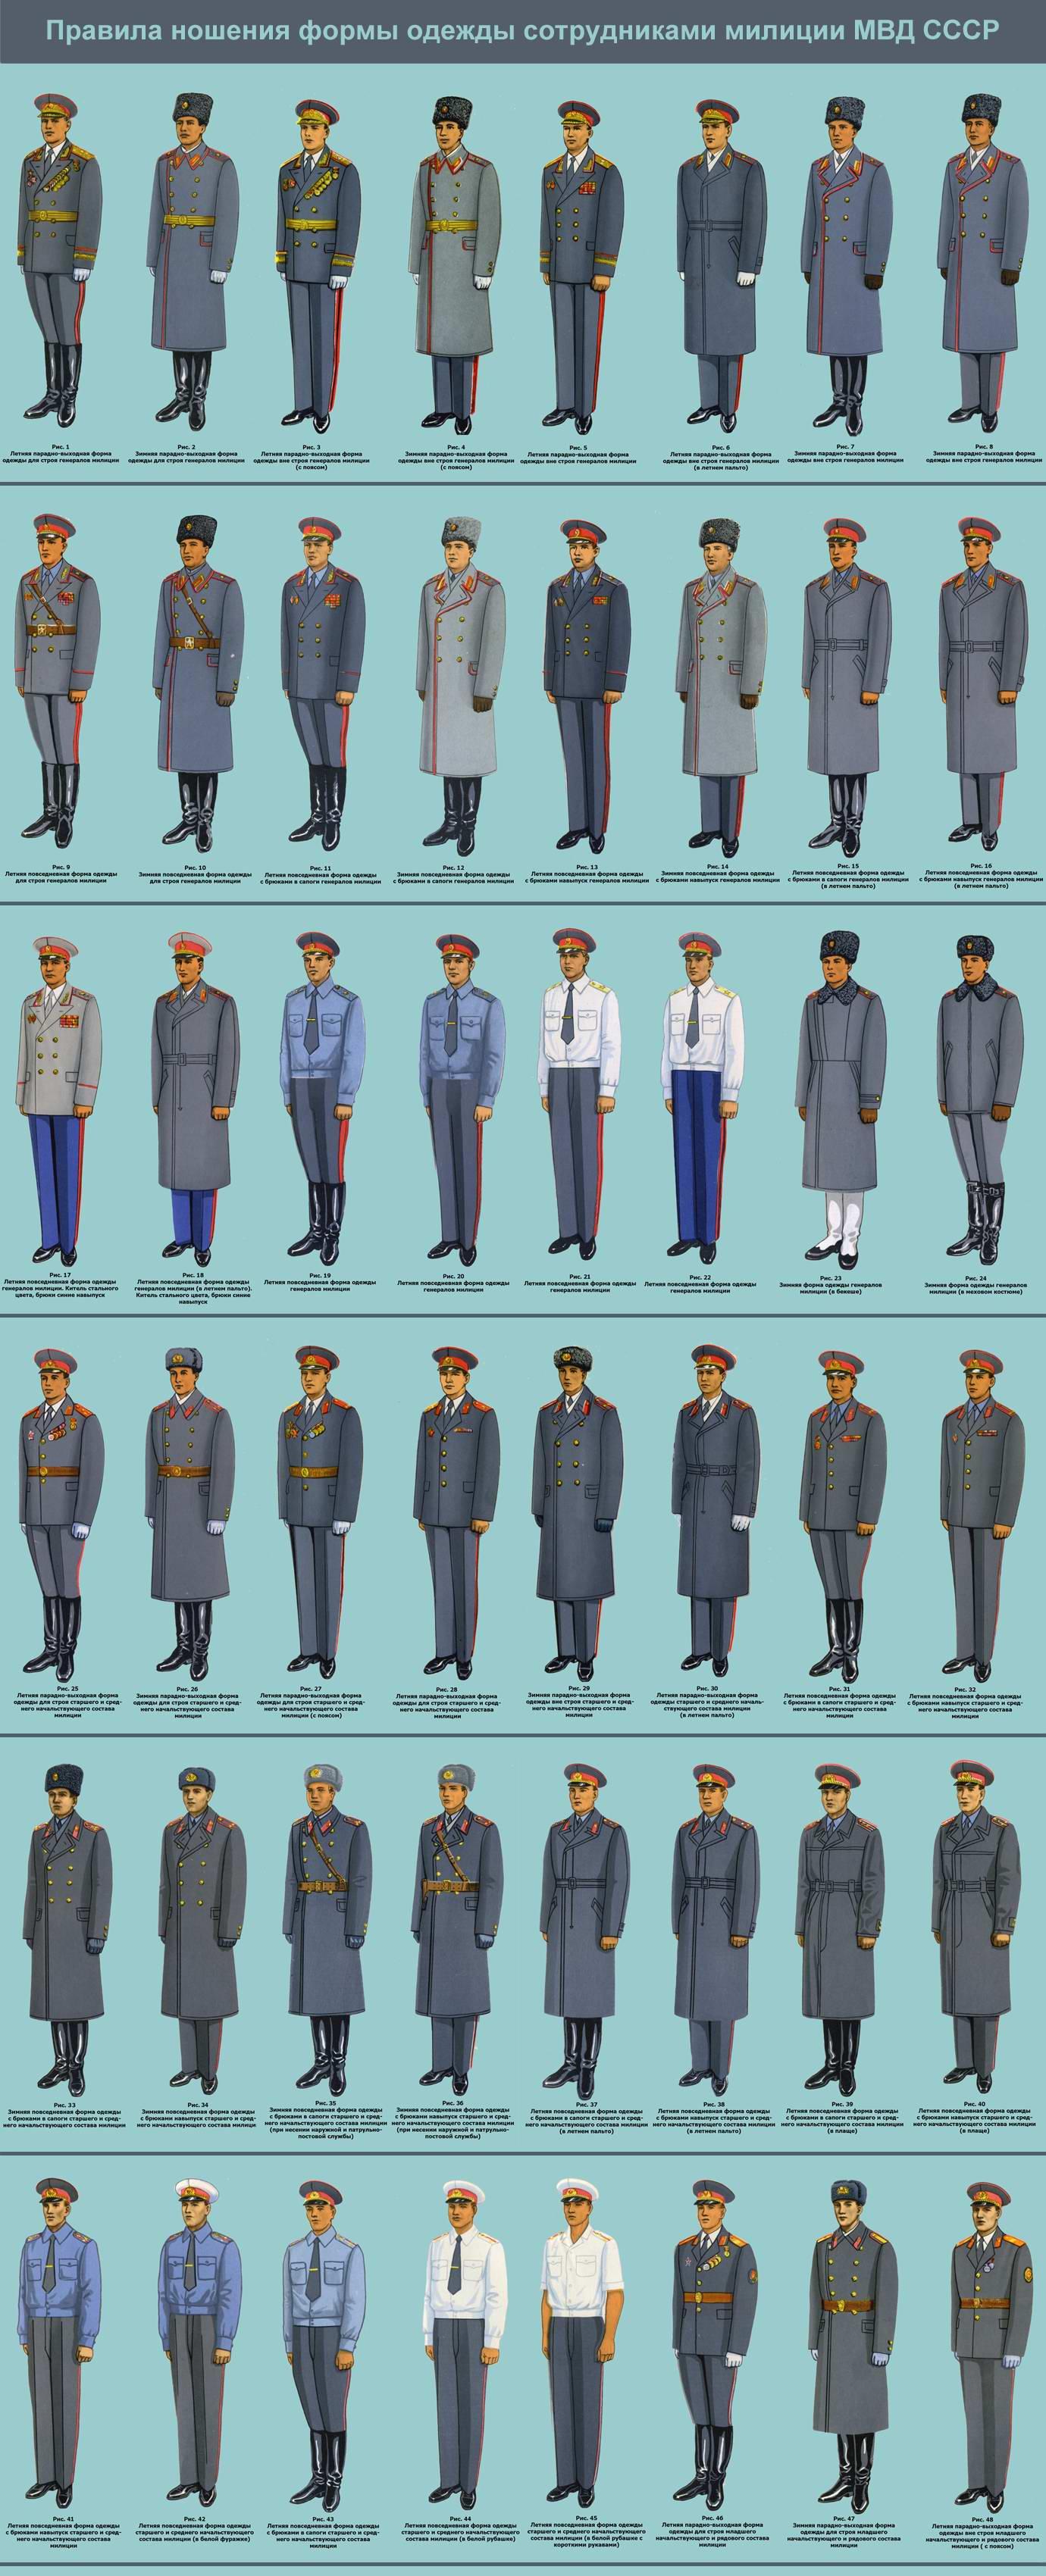 Правила ношения формы одежды сотрудниками милиции МВД СССР - офицерский состав